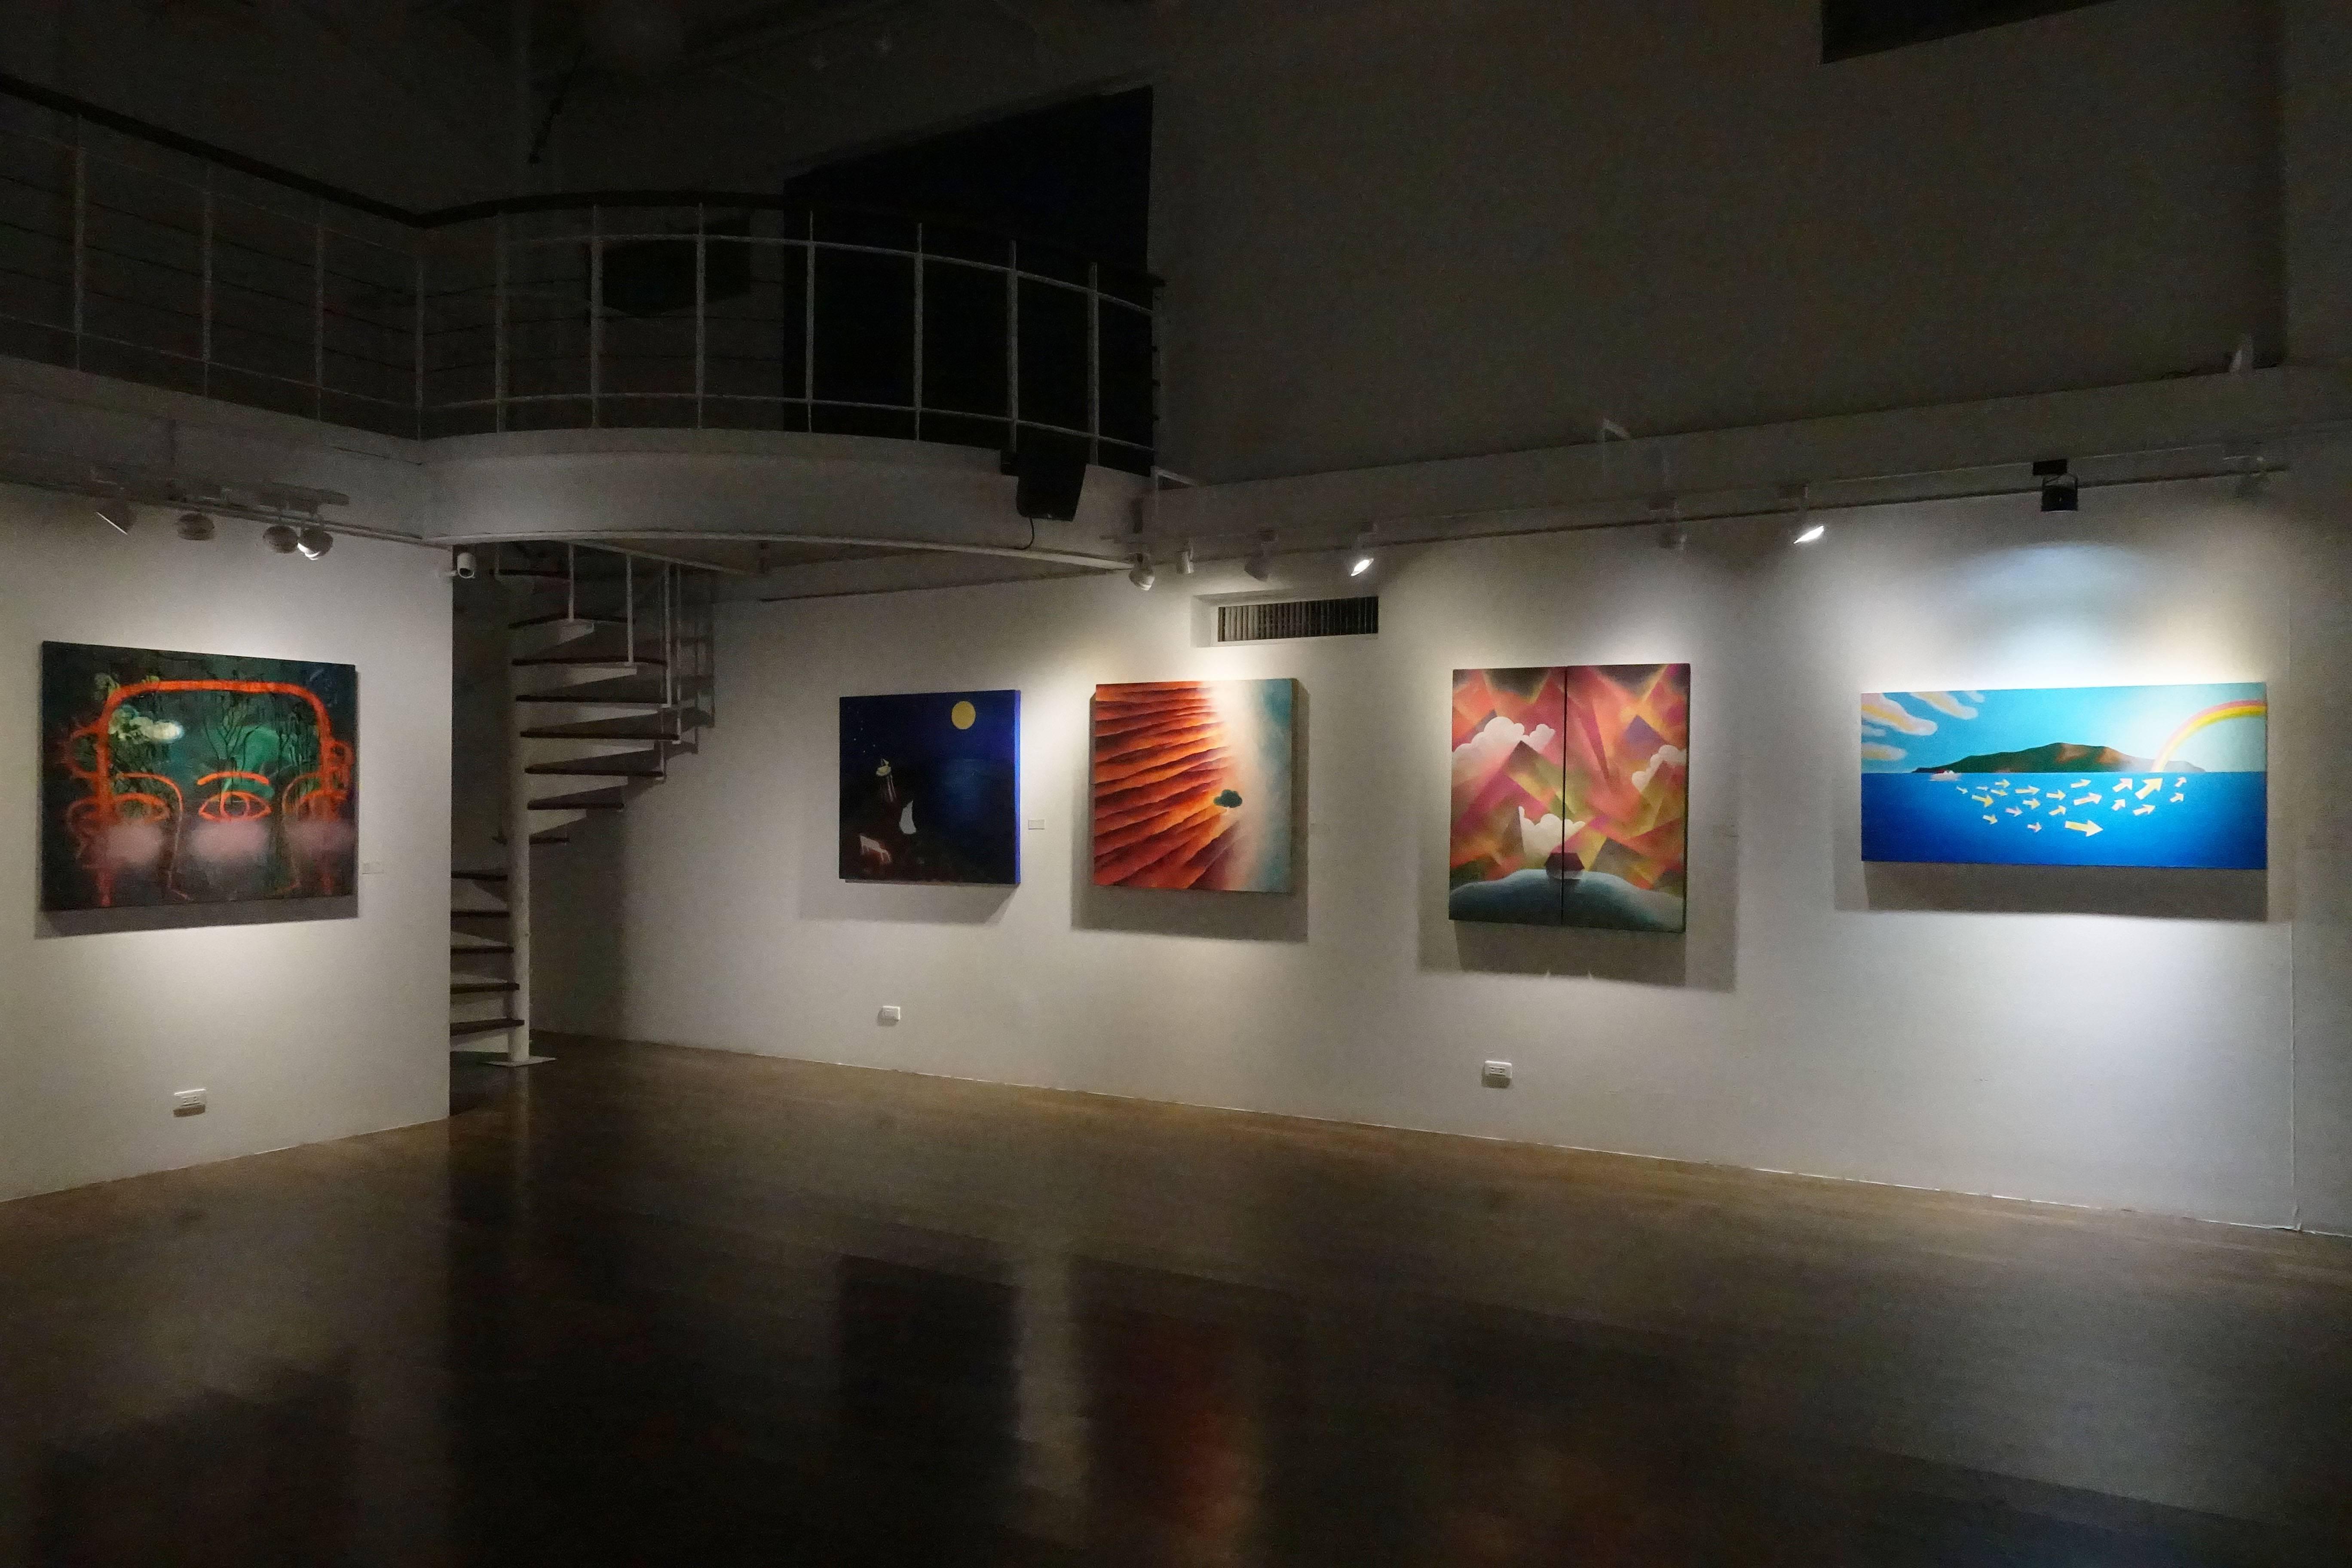 寂靜的目光-張友鷦個展展覽現場一景。